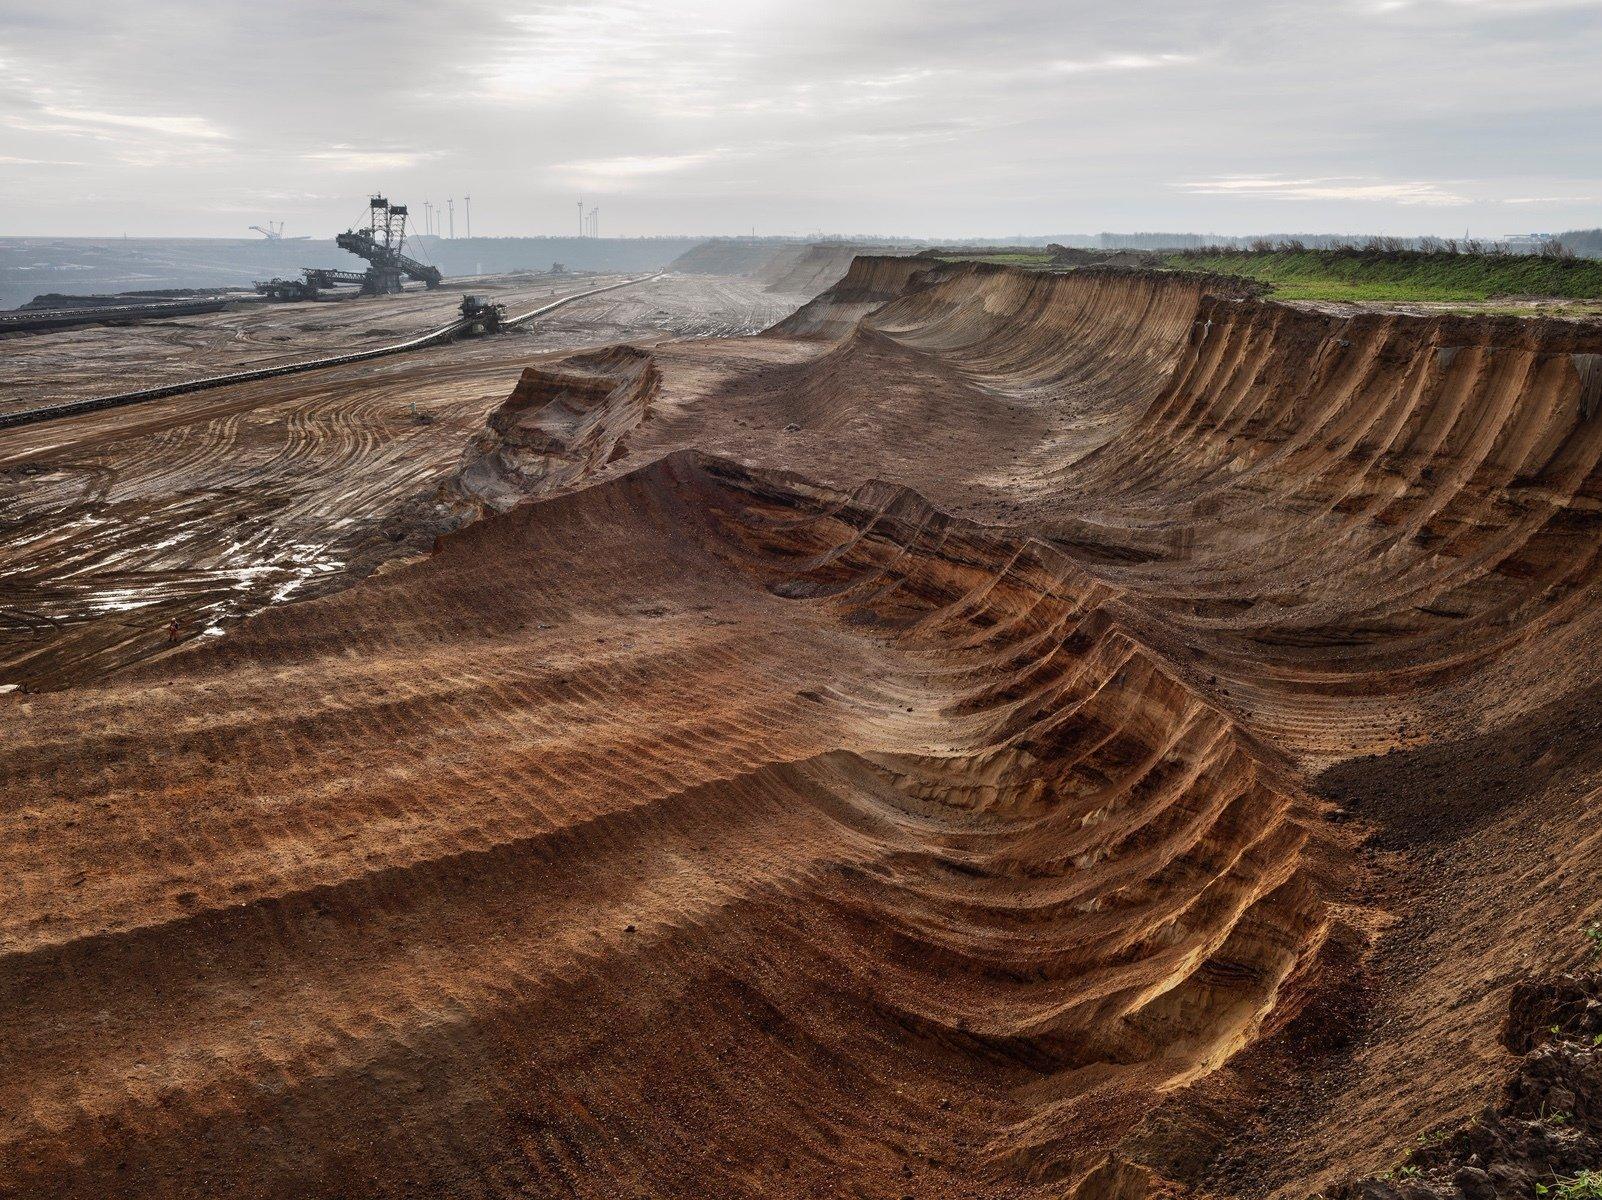 Das Bild zeigt die Braunkohltagebau-Grube von Garzweiler in Nordrhein-Westfalen, eine weite ausgeräumte Sandlandschaft mit einem Kohlebagger am Horizont.